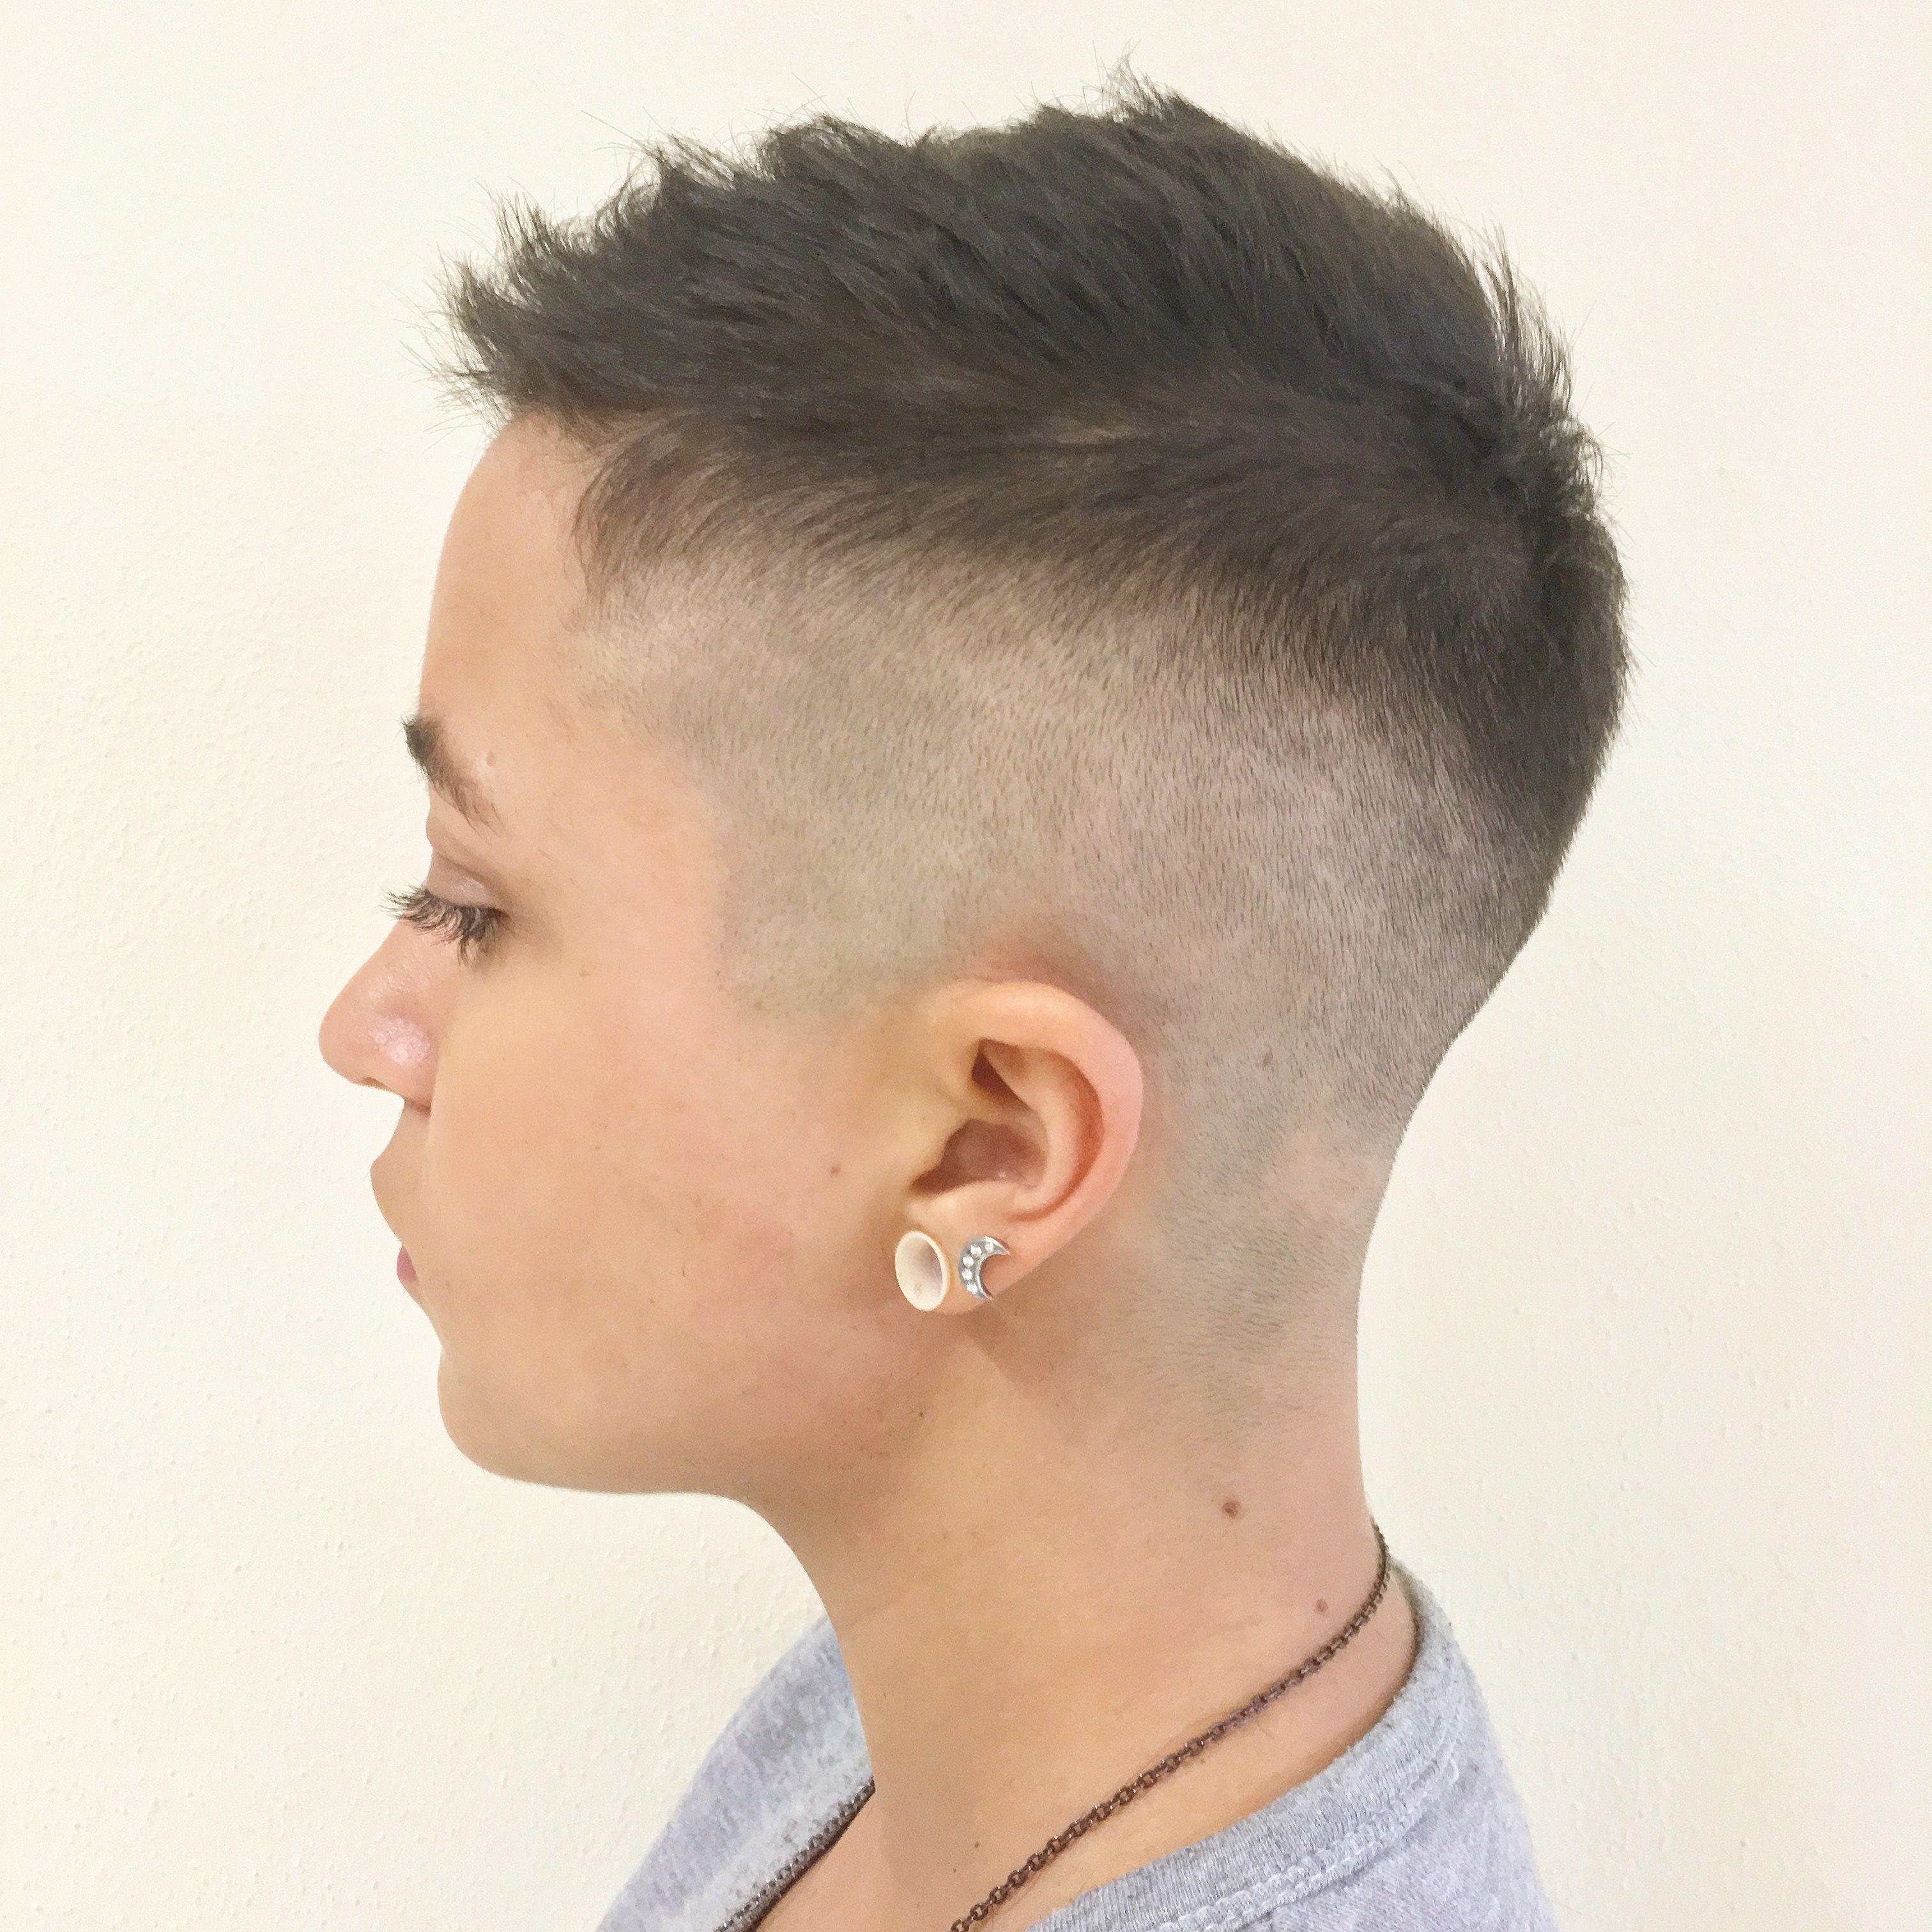 Girlsfade fade girl cut style haircut followyourdream